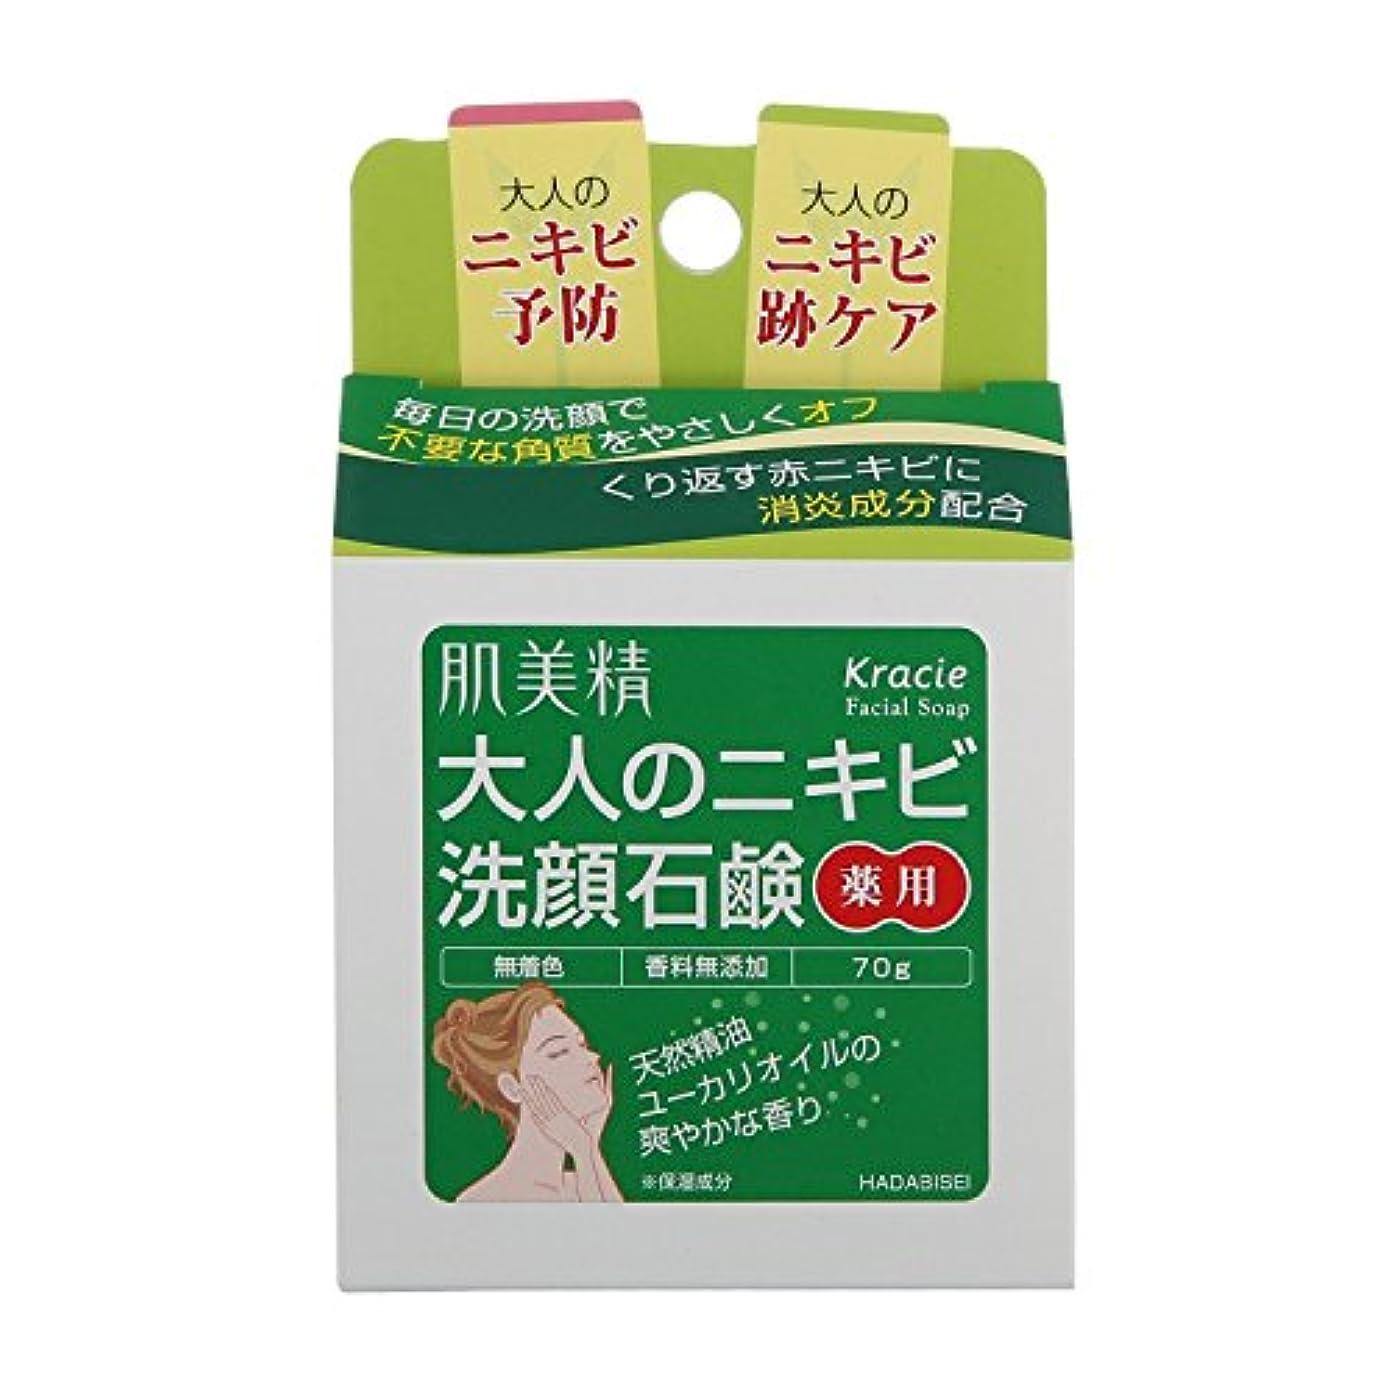 若さ明確なナチュラル肌美精 大人のニキビ 薬用洗顔石鹸 70g ×6点セット